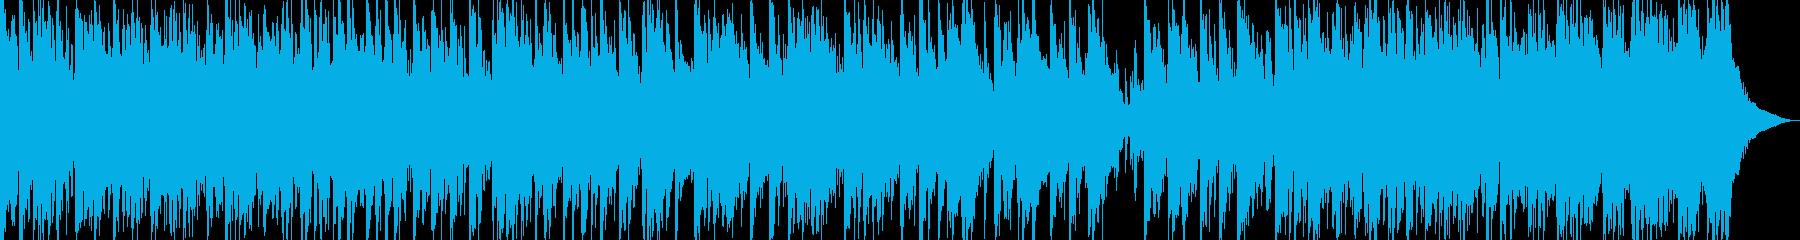 日本伝統音楽5(三味線+篳篥+和太鼓)の再生済みの波形